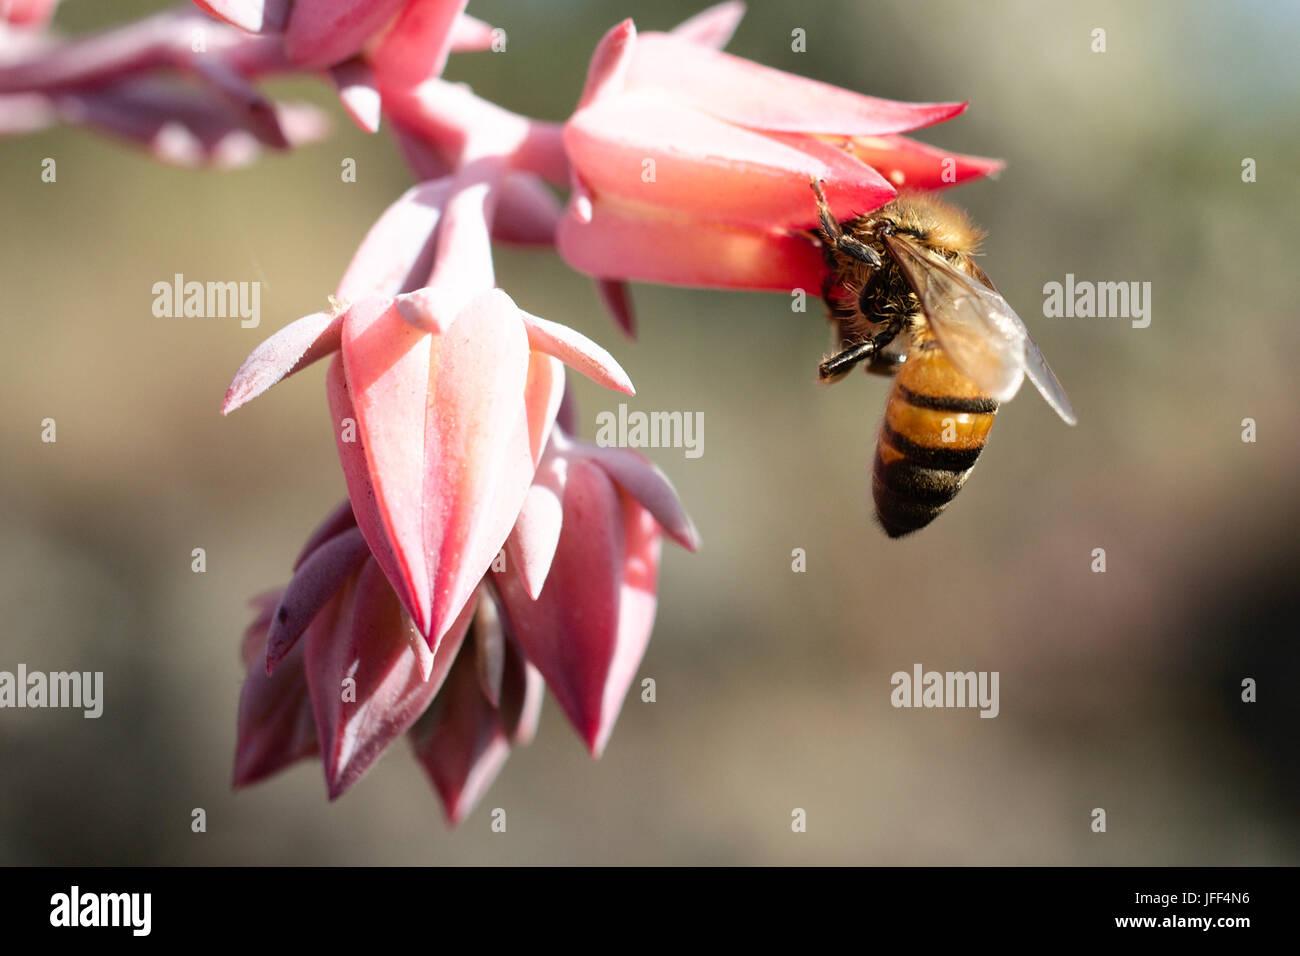 Honeybee on pink flower (macro) - Stock Image